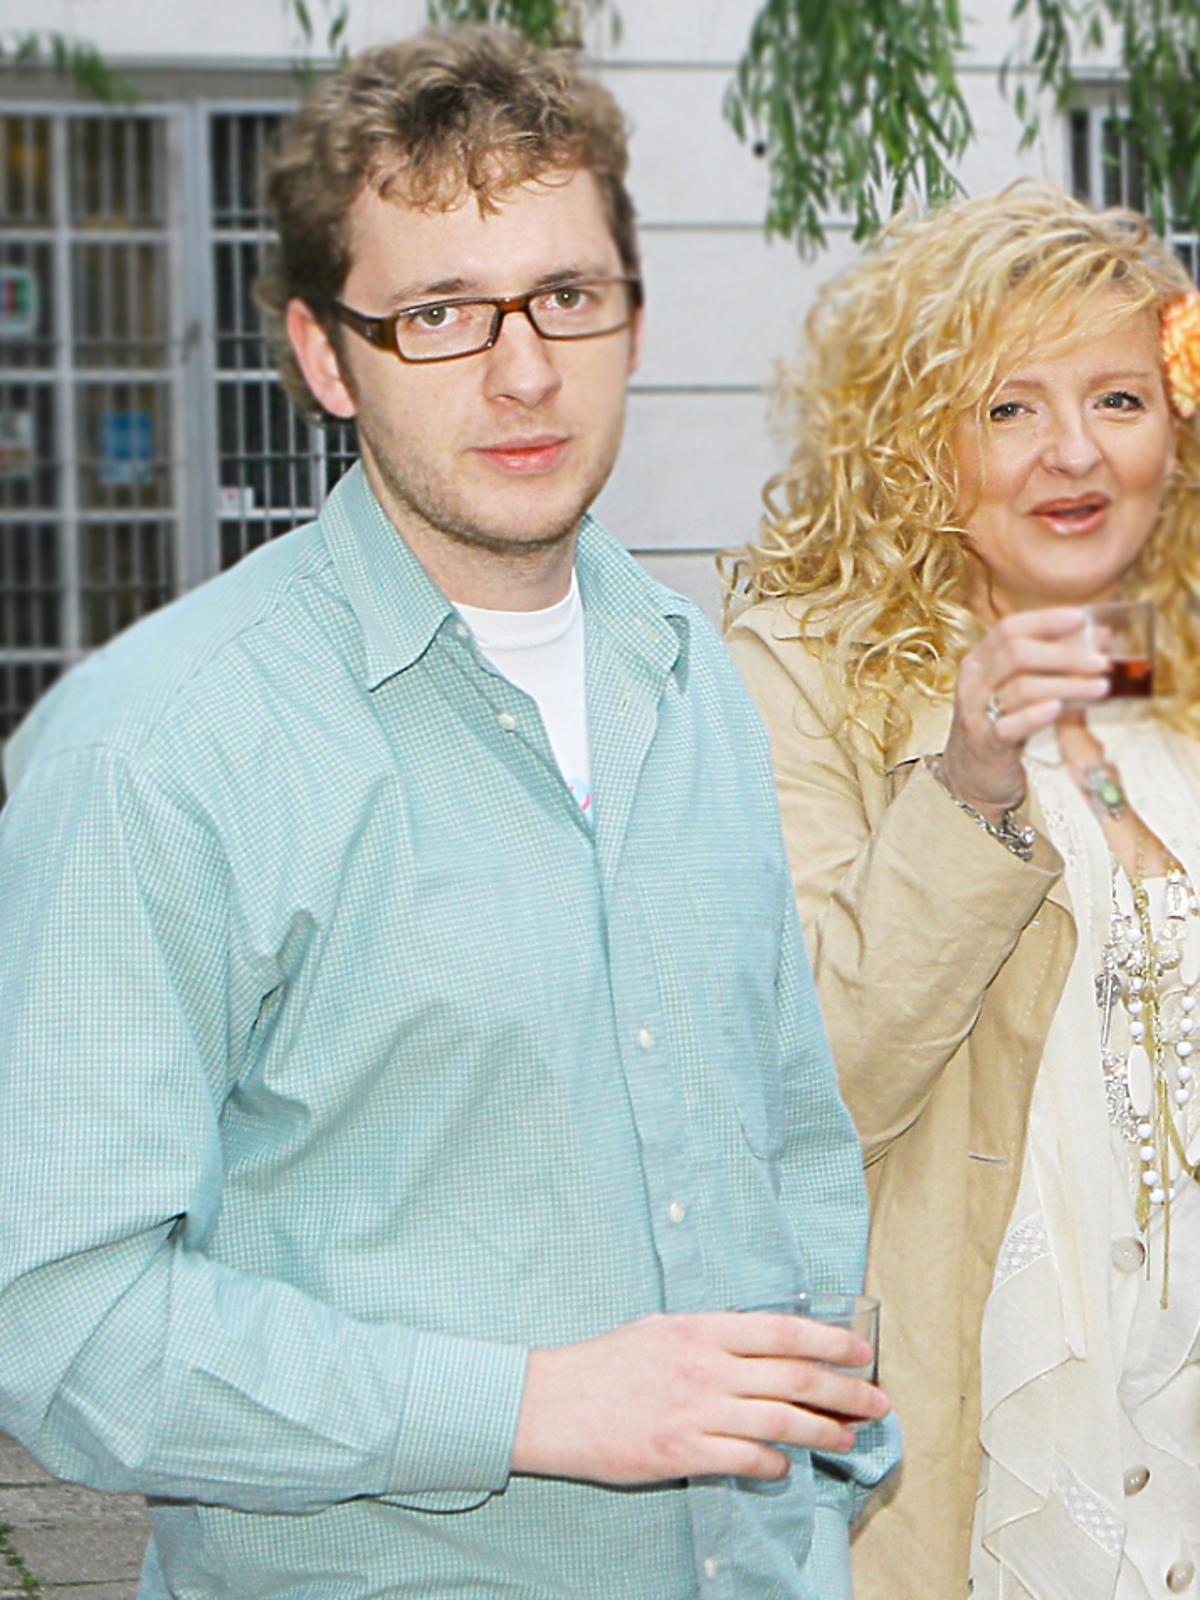 Tadeusz Muller syn Magdy Gessler stoi obok matki seledynowej koszuli półsylwetki